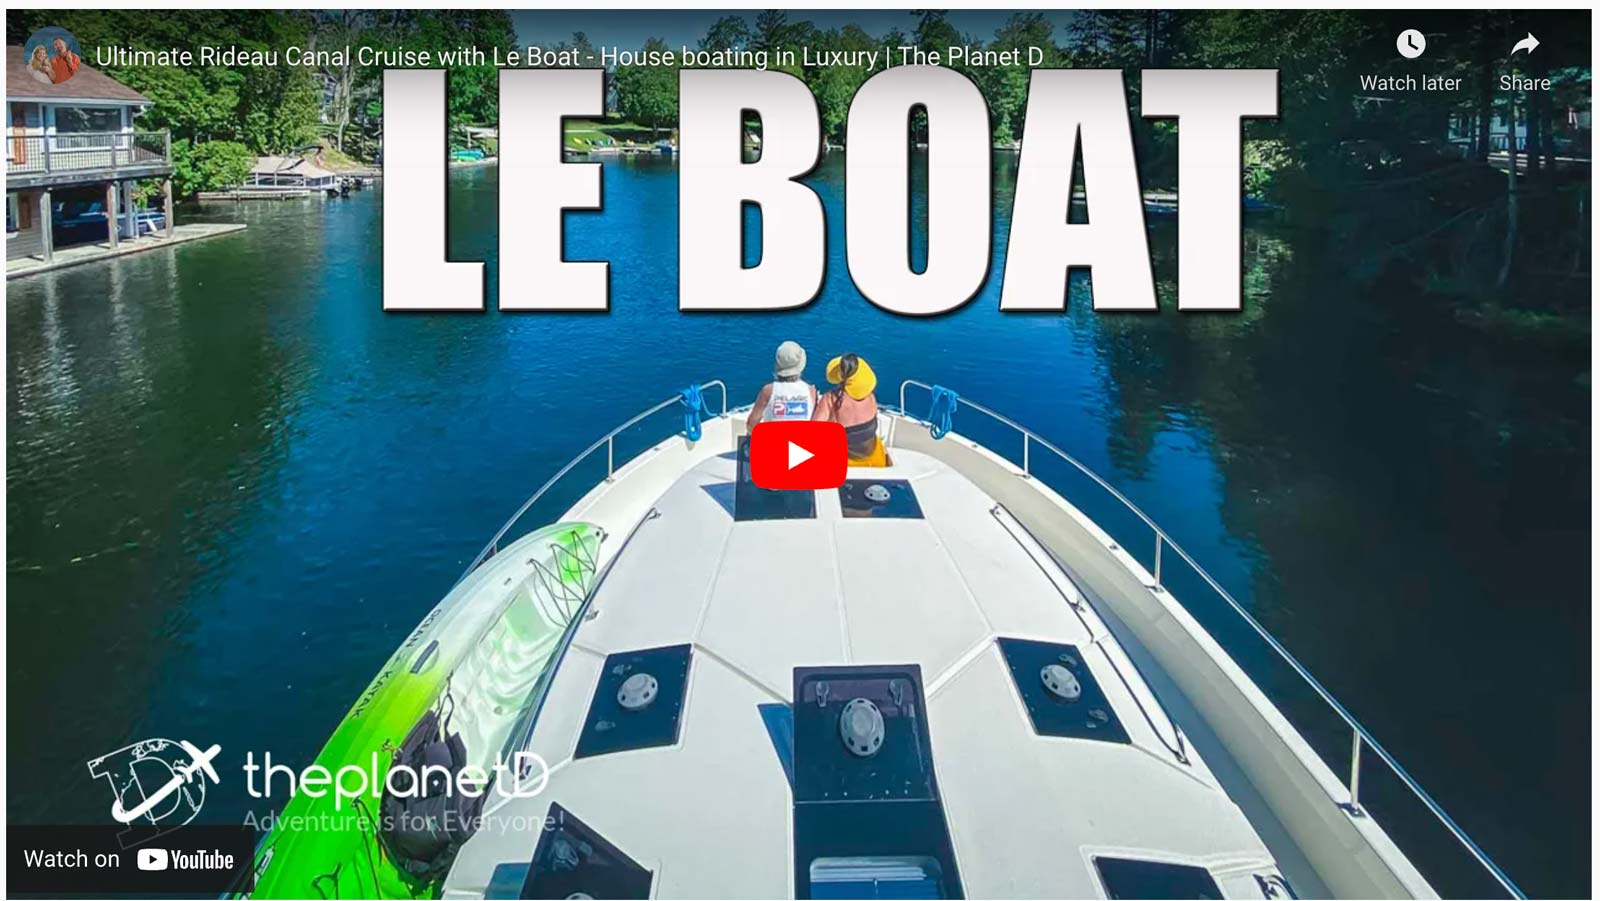 le boat video